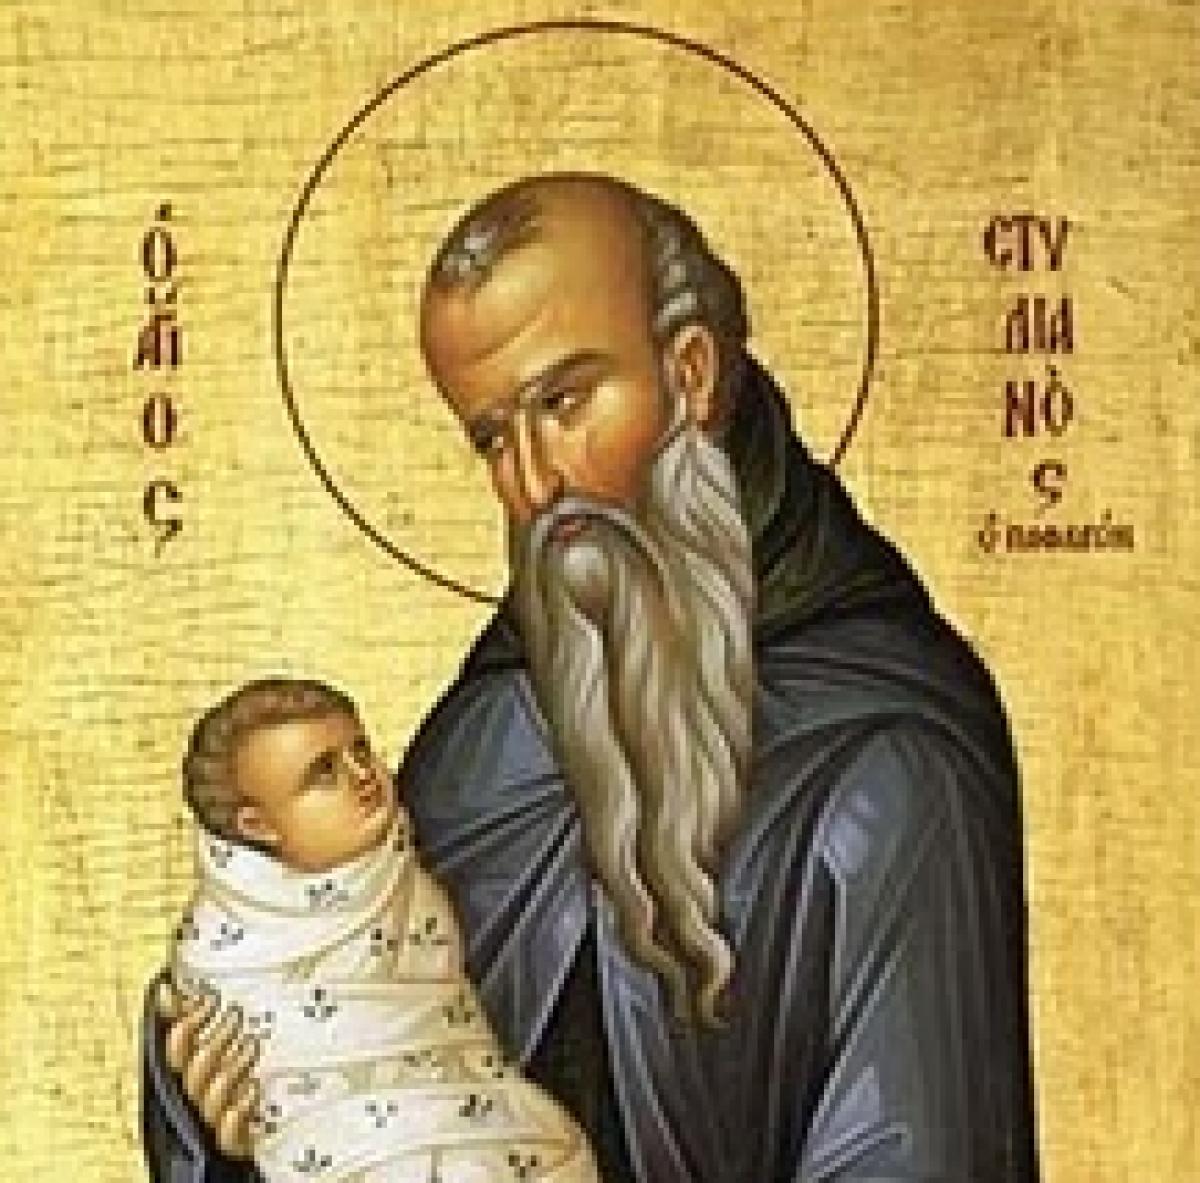 'Αγιος Στυλιανός, ο προστάτης των μικρών παιδιών!